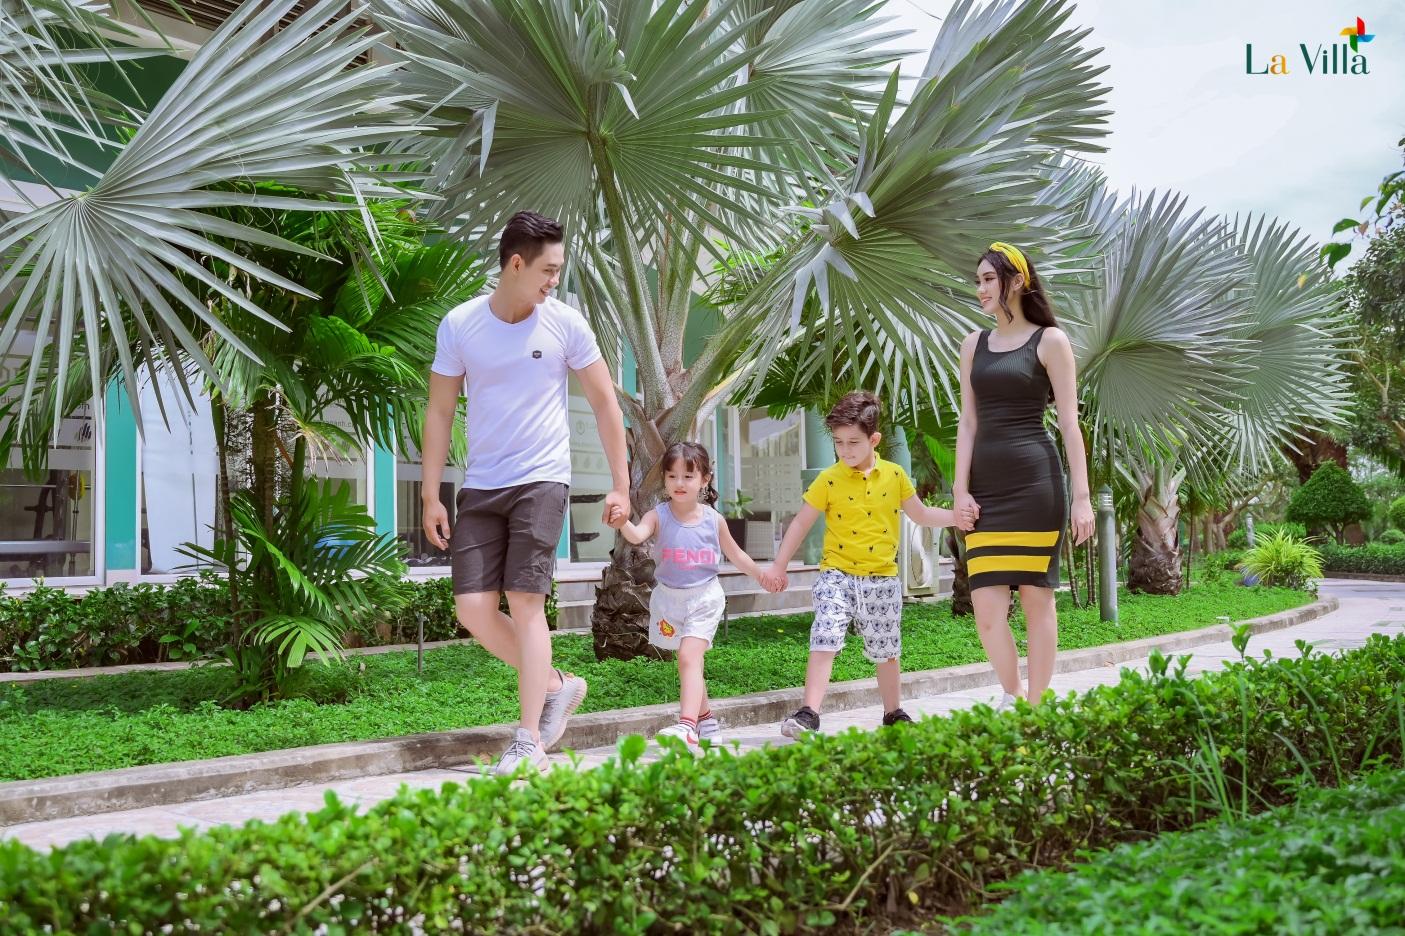 Một người đàn ông và một phụ nữ dắt tay một bé trai và một bé gái đi trong khuôn viên nhiều cây xanh